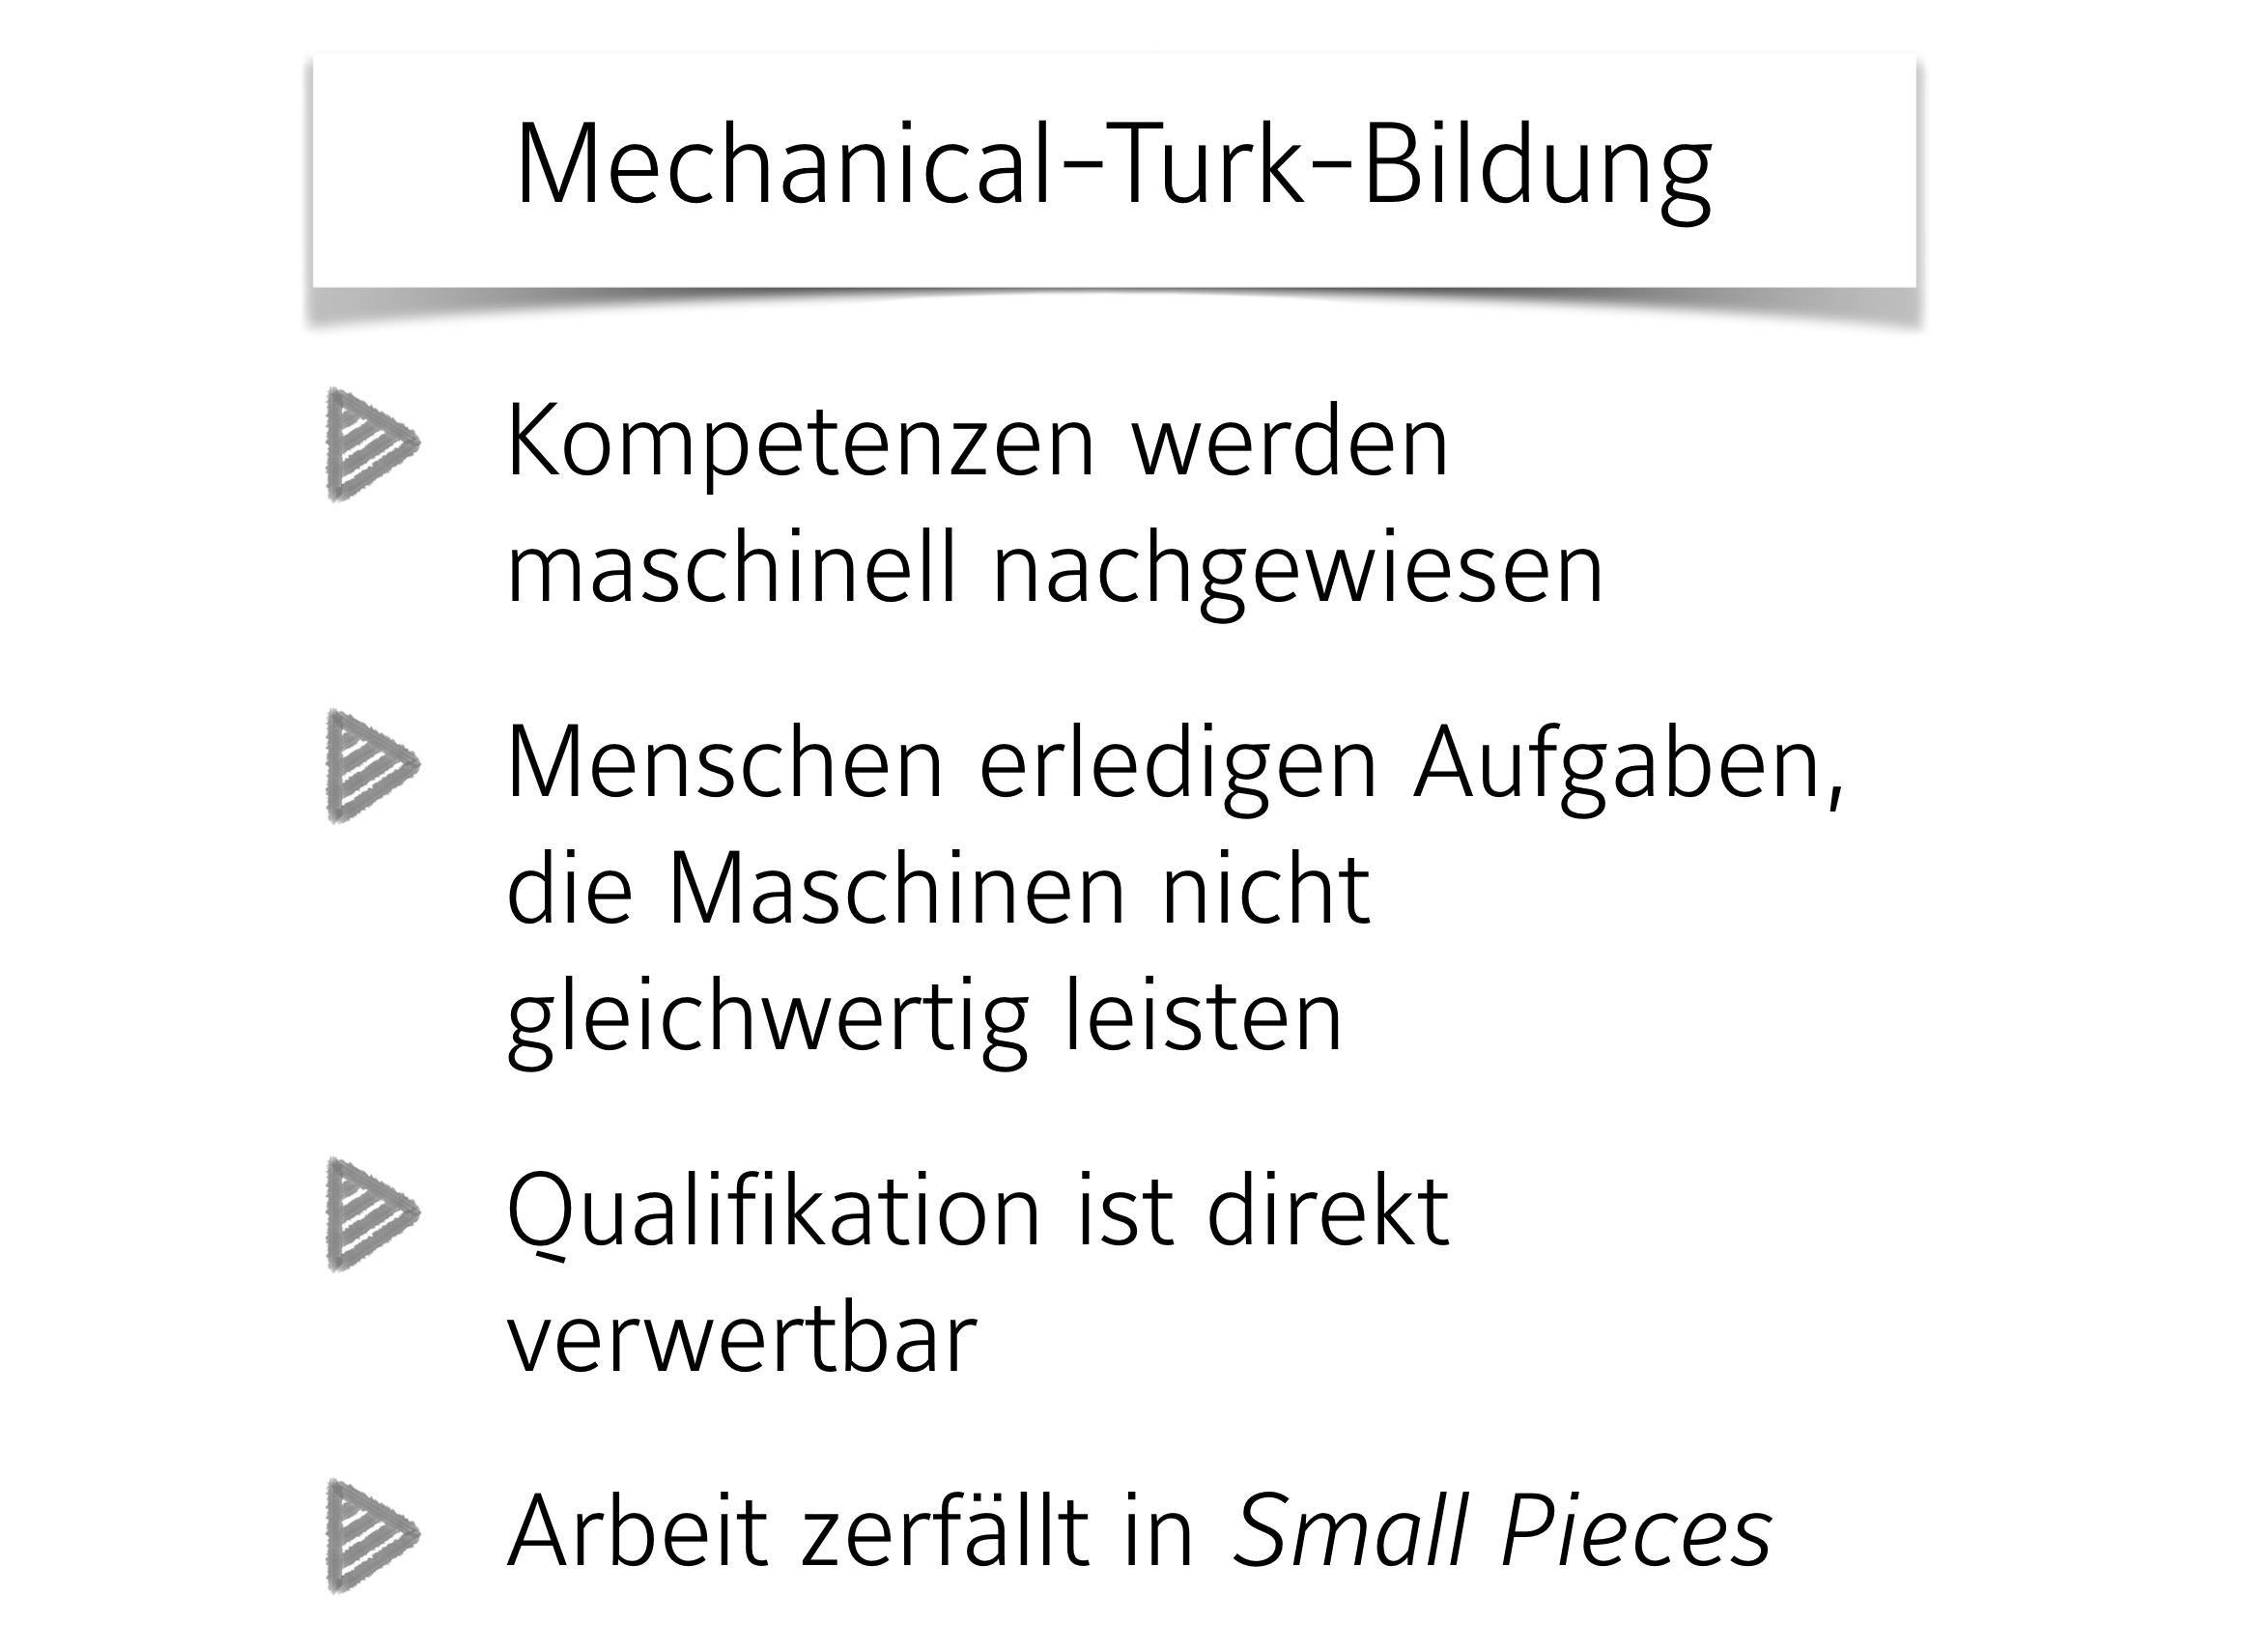 Schön Monatliche Budget Tabellenkalkulationsvorlage Bilder - Entry ...